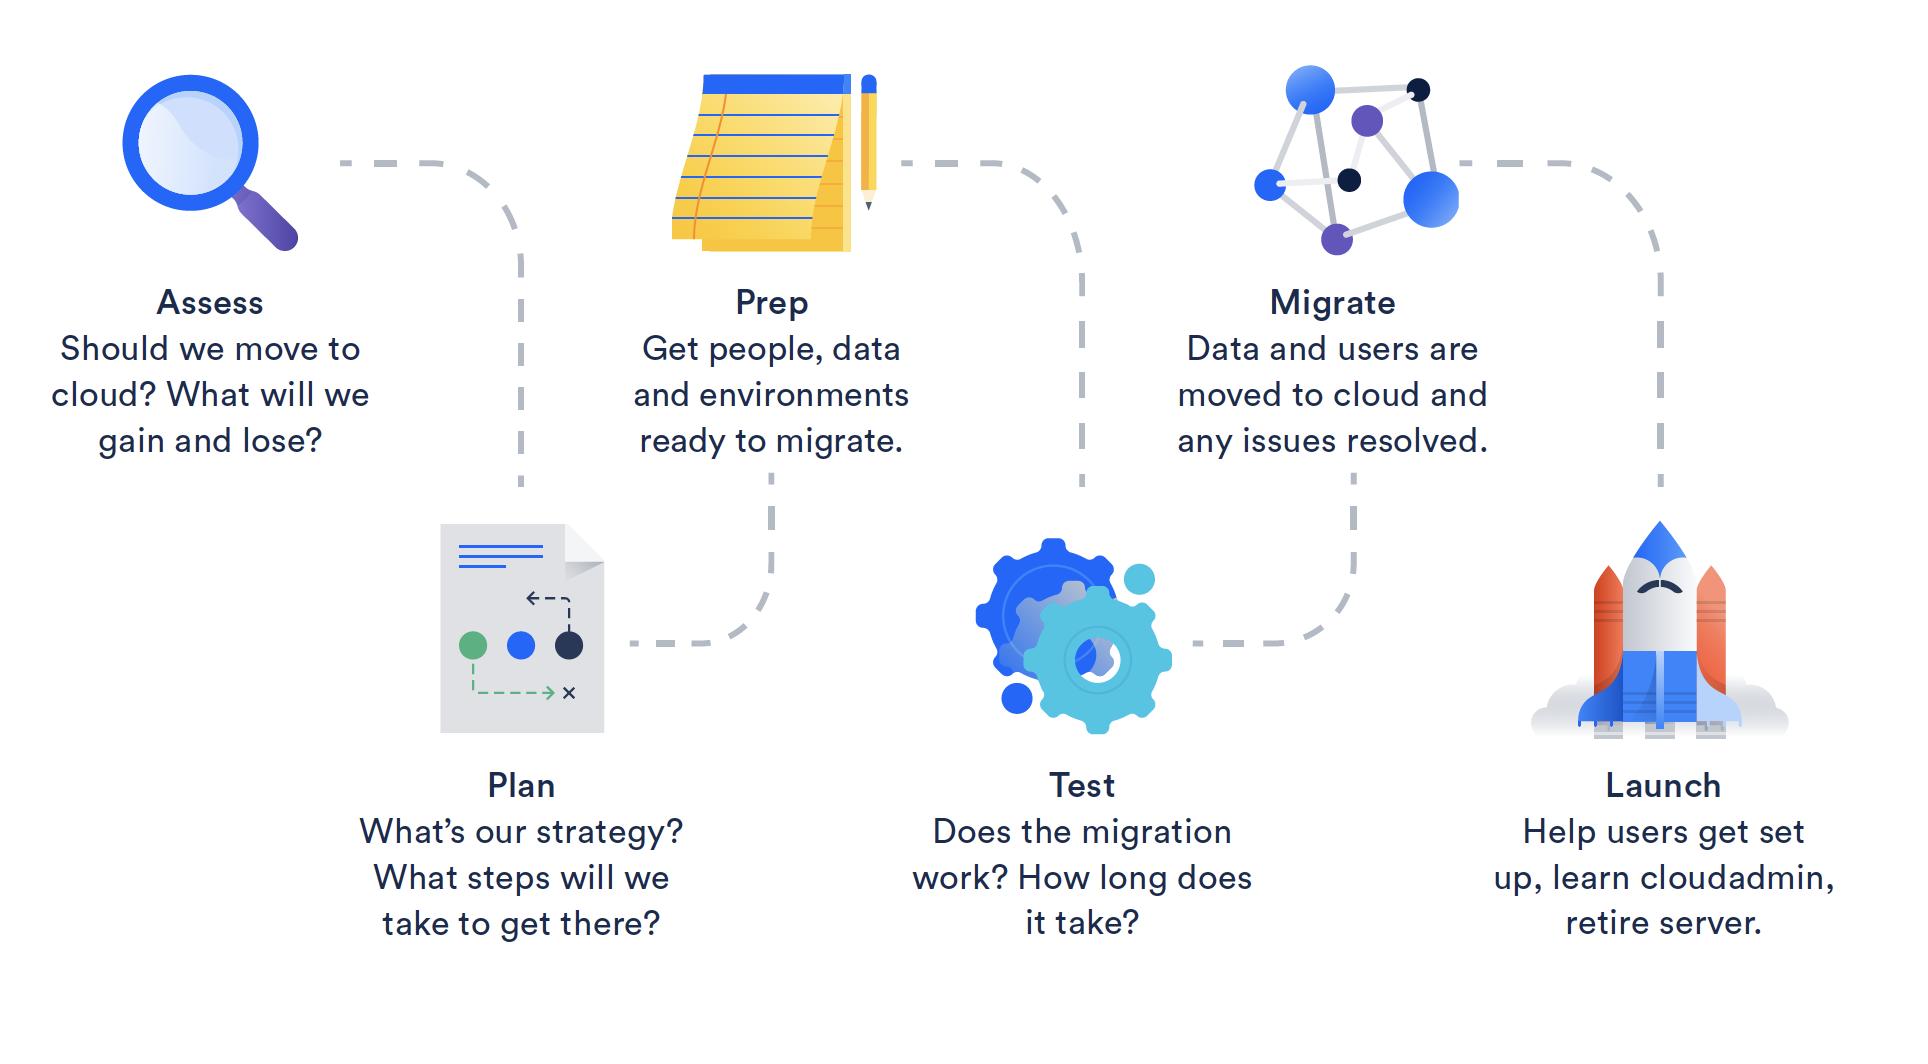 6 etapas del proceso de migración a la nube Atlassian